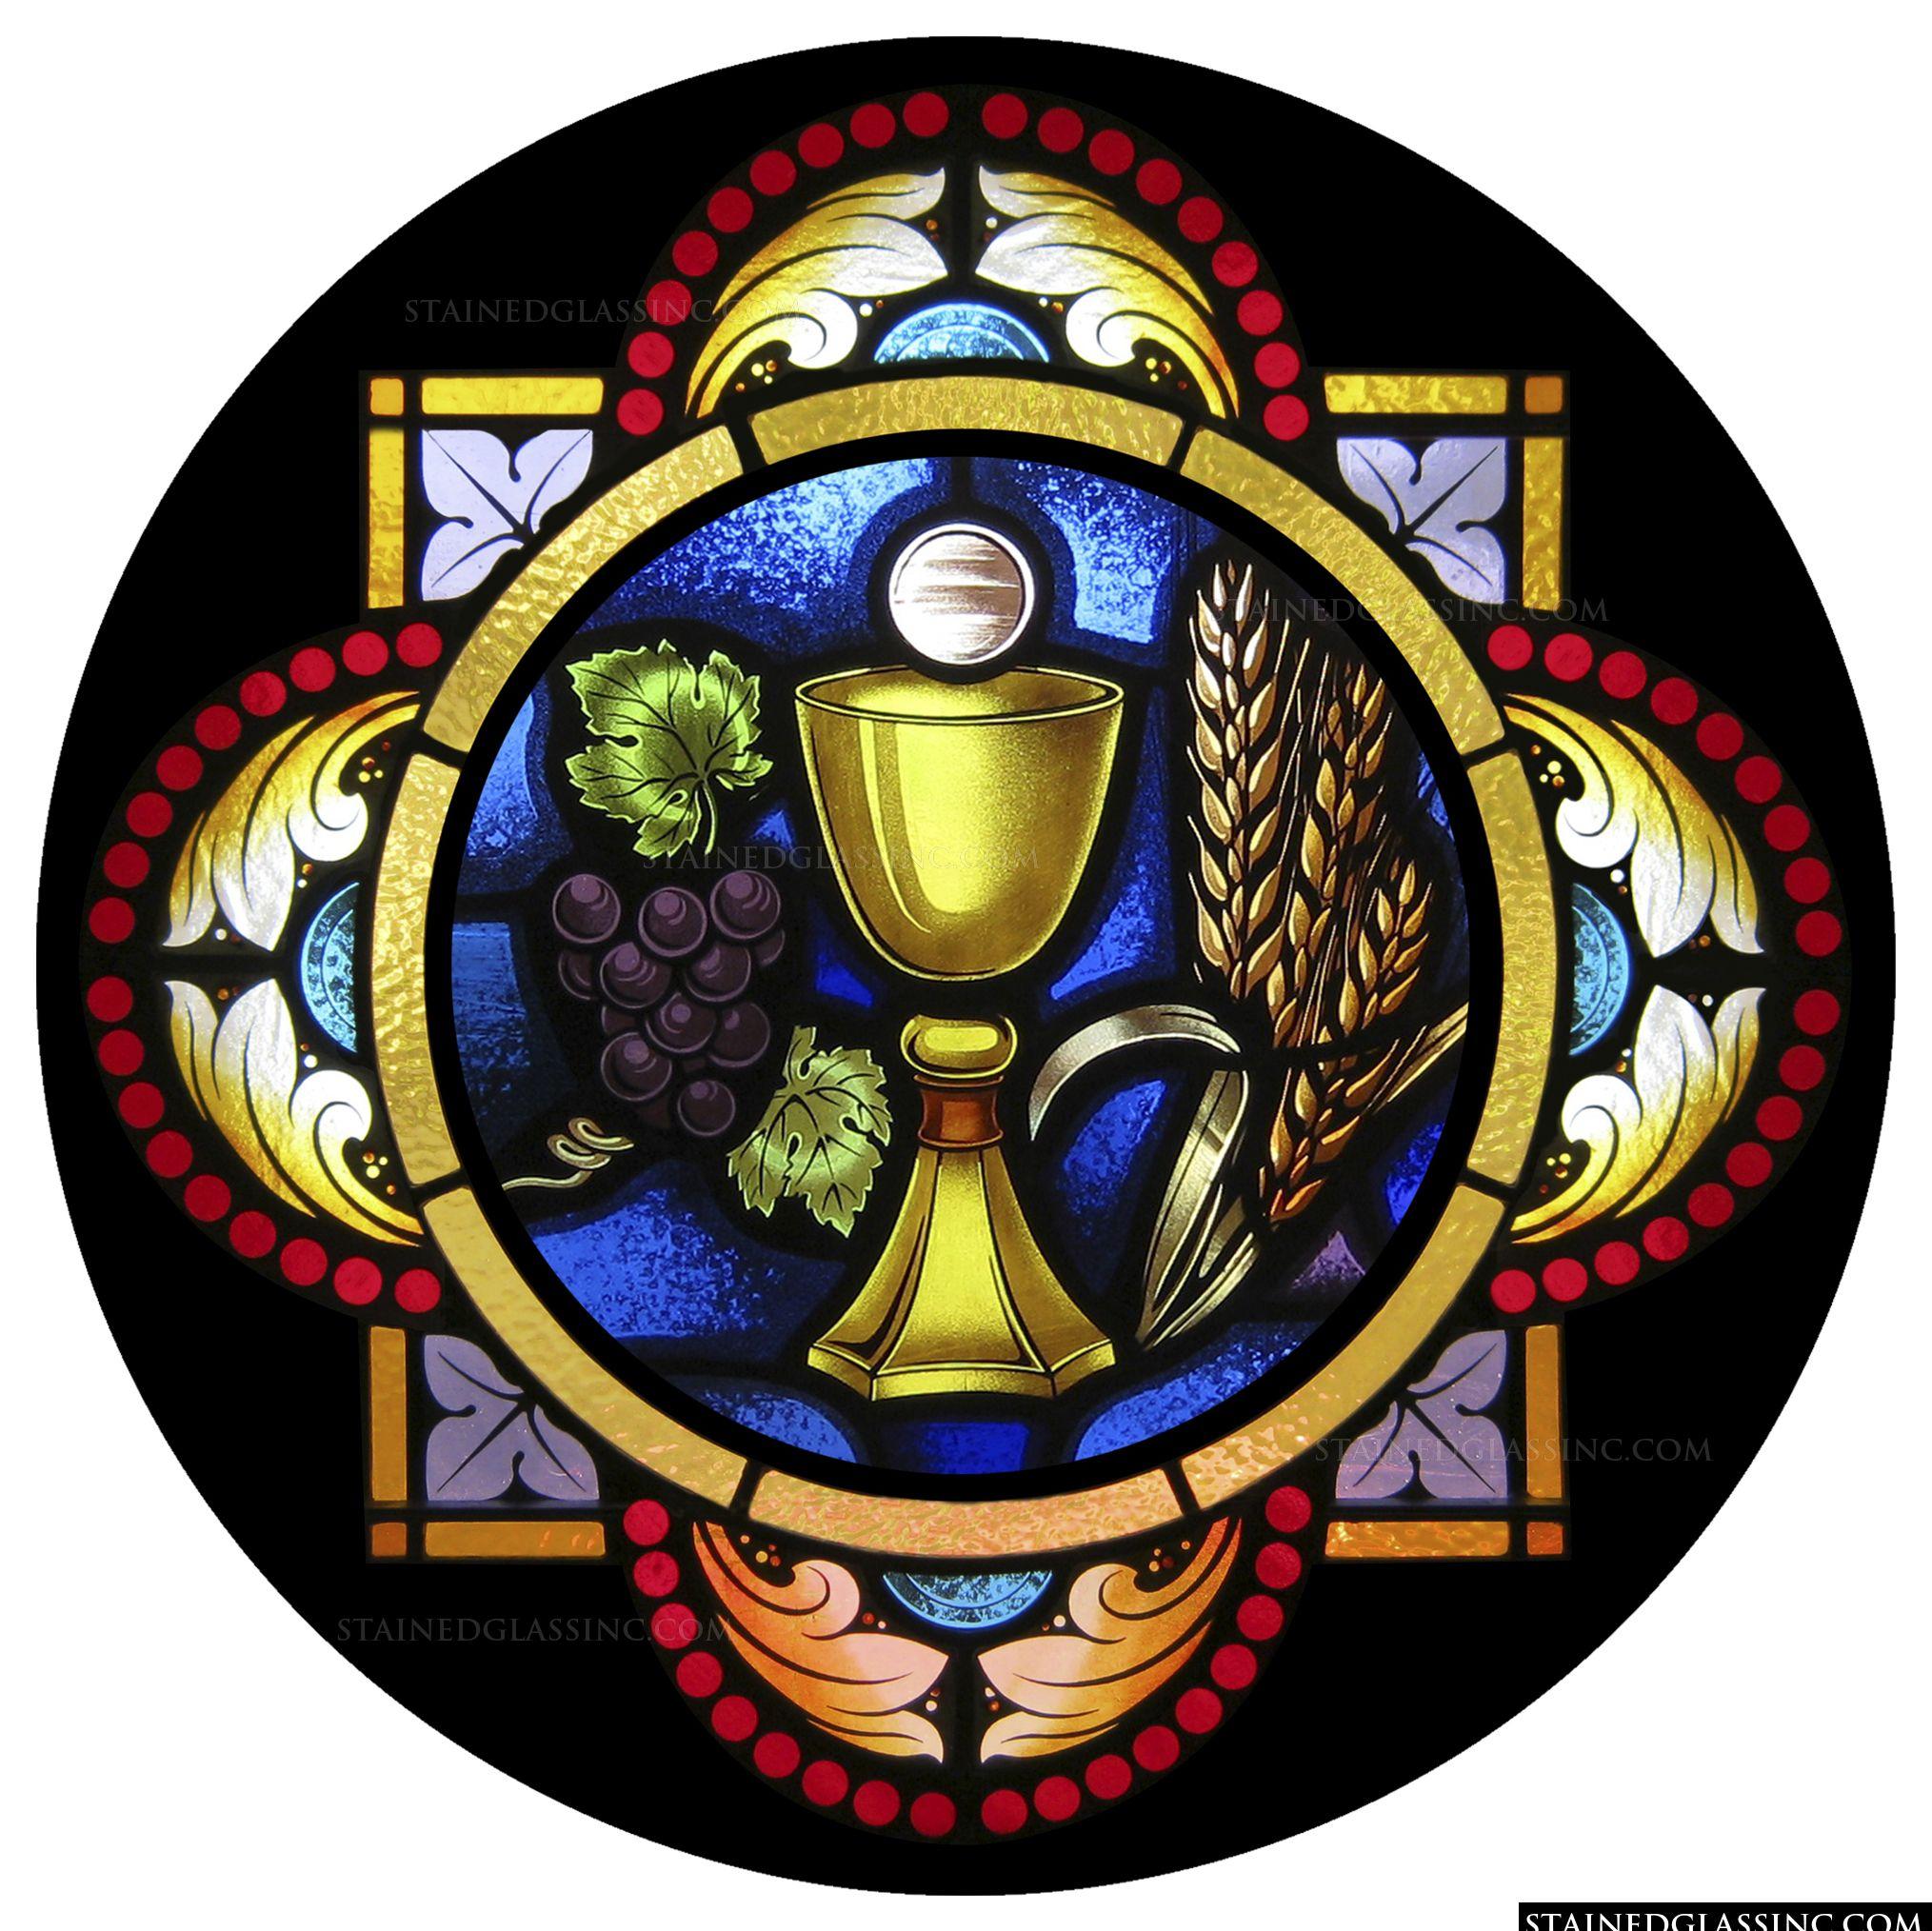 eucharistic symbols pictures wwwpixsharkcom images